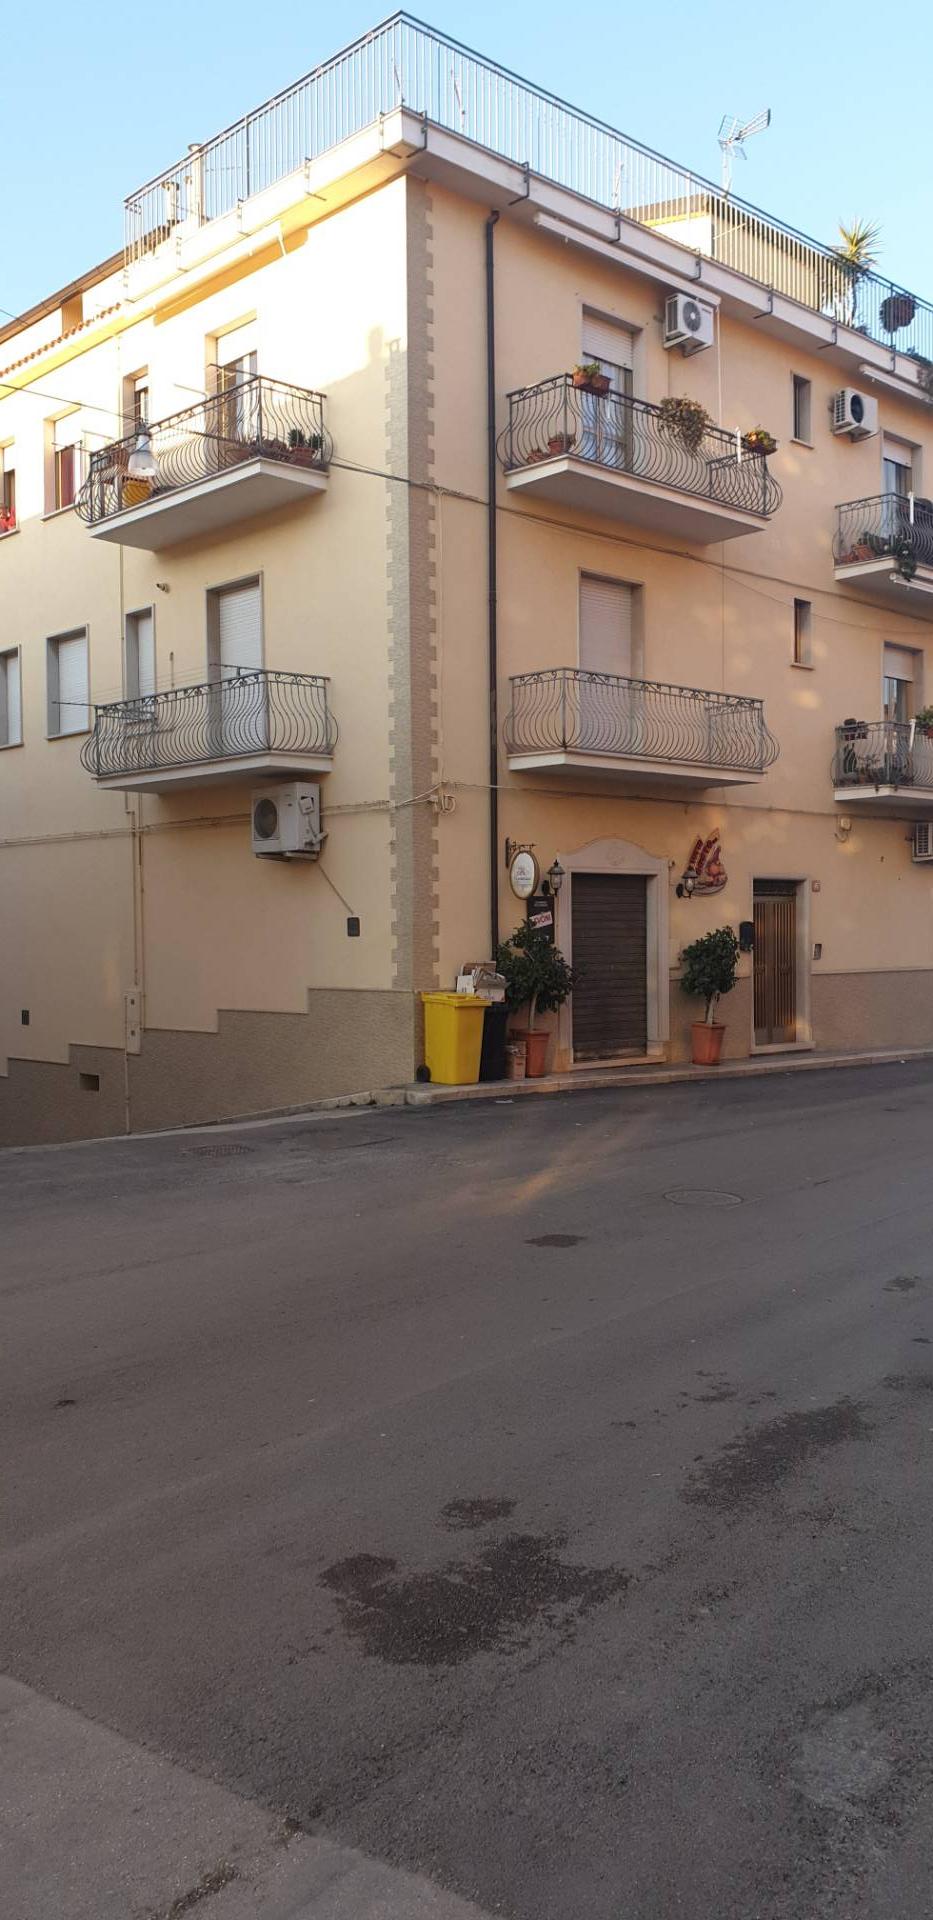 Appartamento in vendita a San Nicandro Garganico, 4 locali, zona Località: POSTECENTRALI, prezzo € 47.000   PortaleAgenzieImmobiliari.it